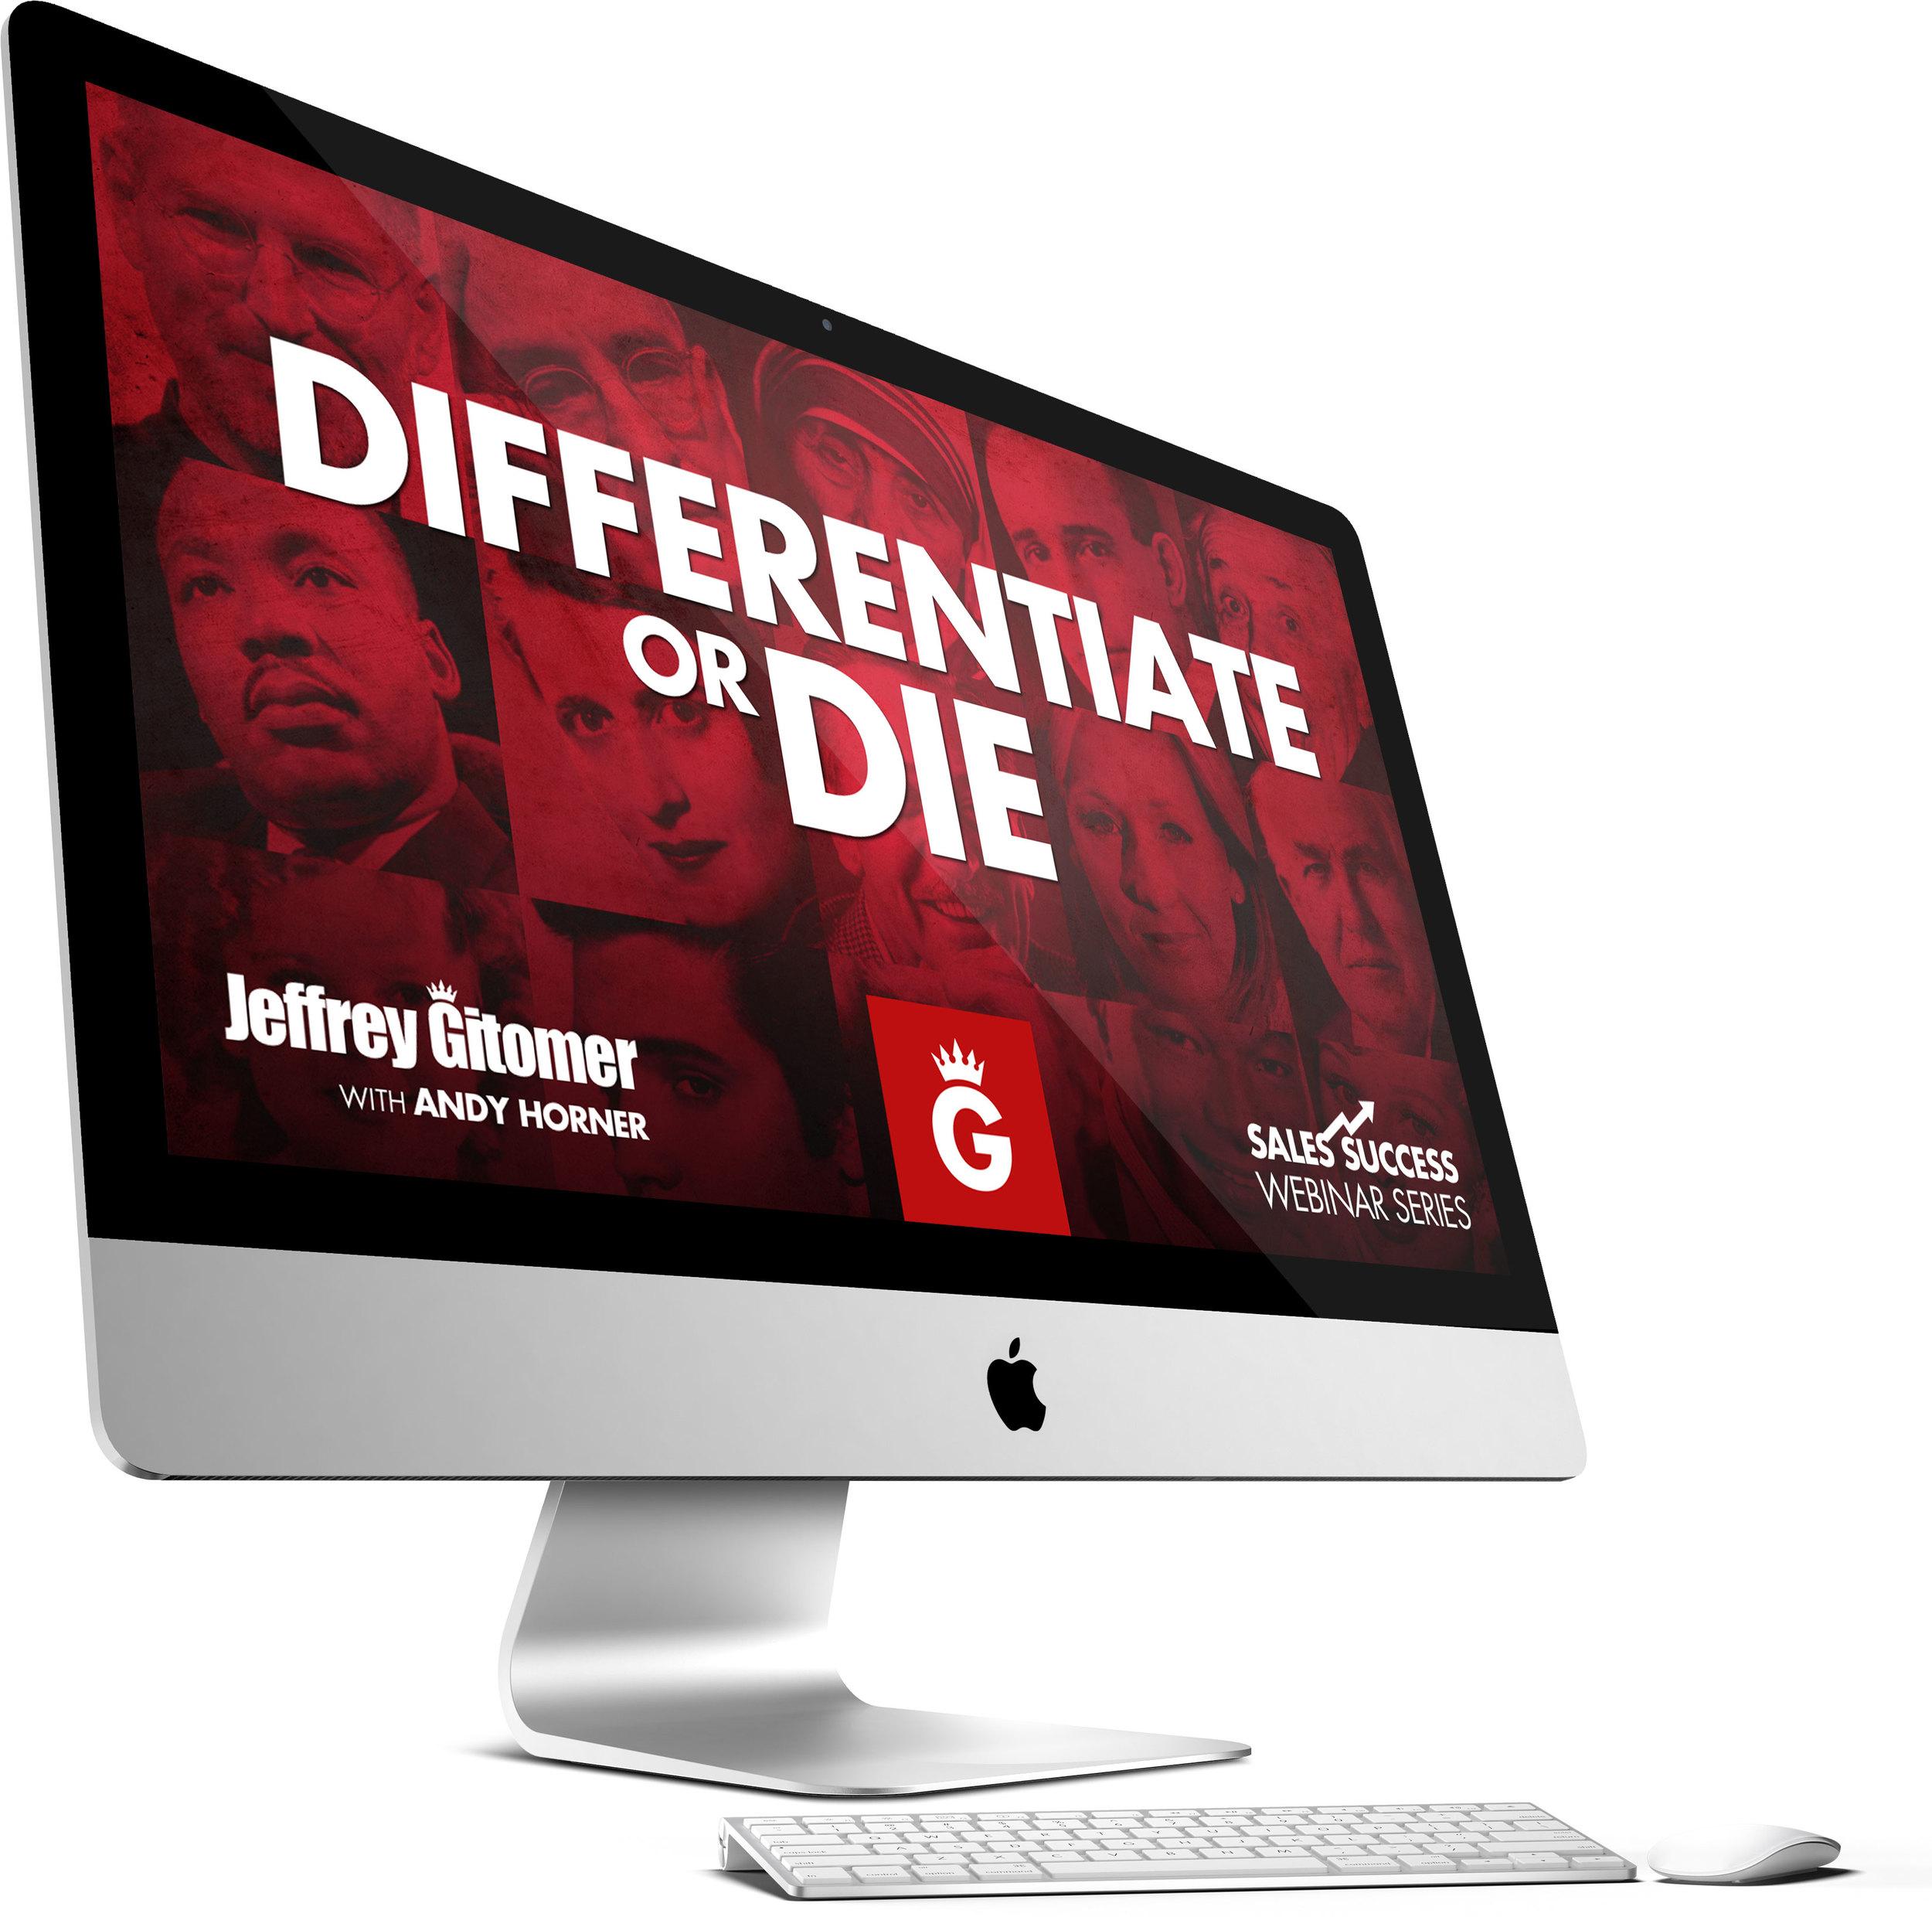 DifferentiateorDie.jpg